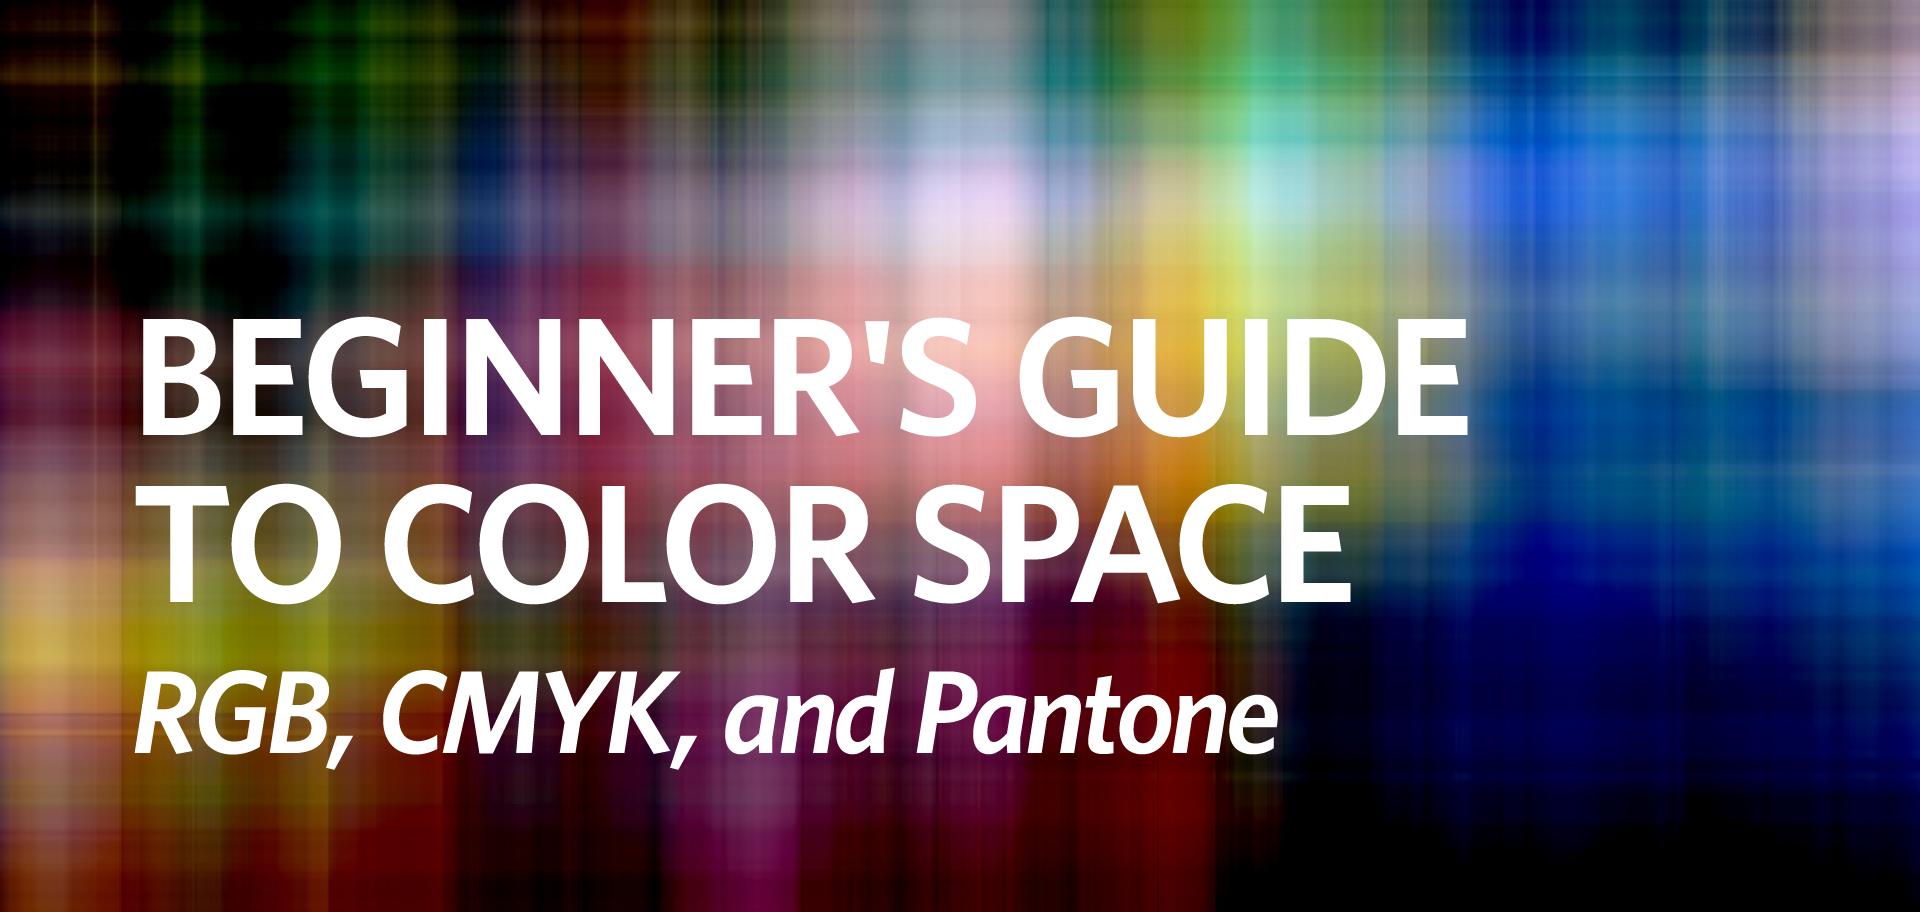 Color Space RGB CMYK Pantone Kettle Fire Creative color space Beginner's Guide to Color Space: RGB, CMYK, and Pantone color space